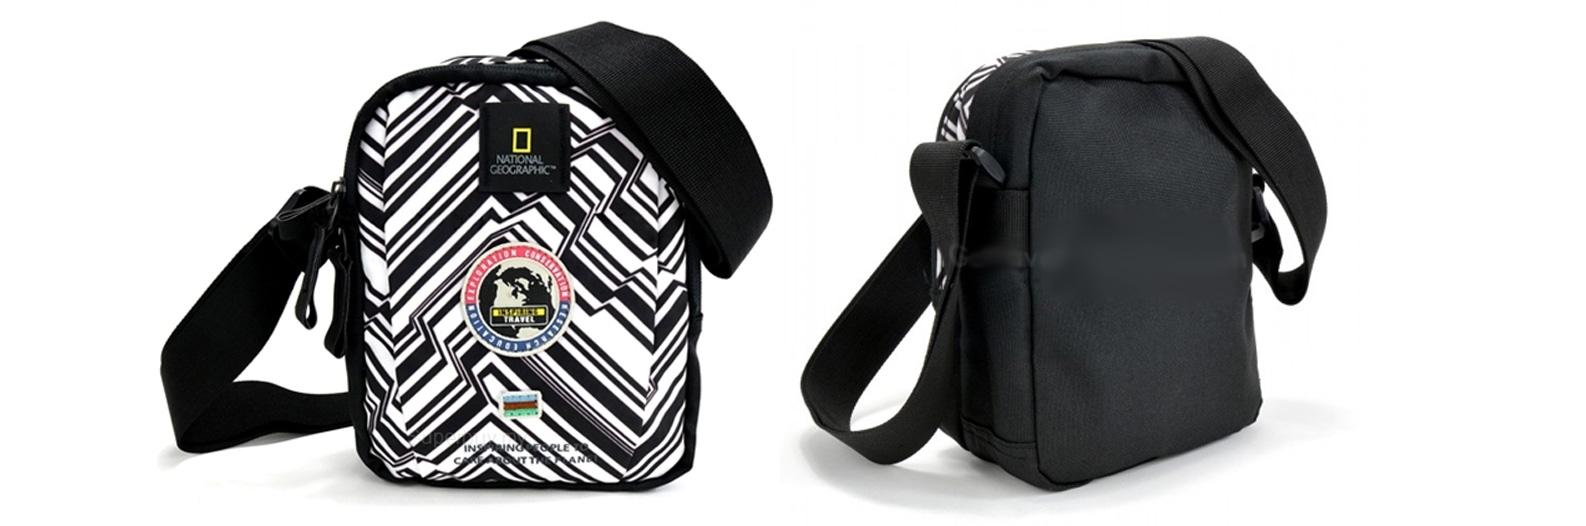 0c1819a31354 National Geographic Explorer Shoulder Bag (NG-N01103-74)